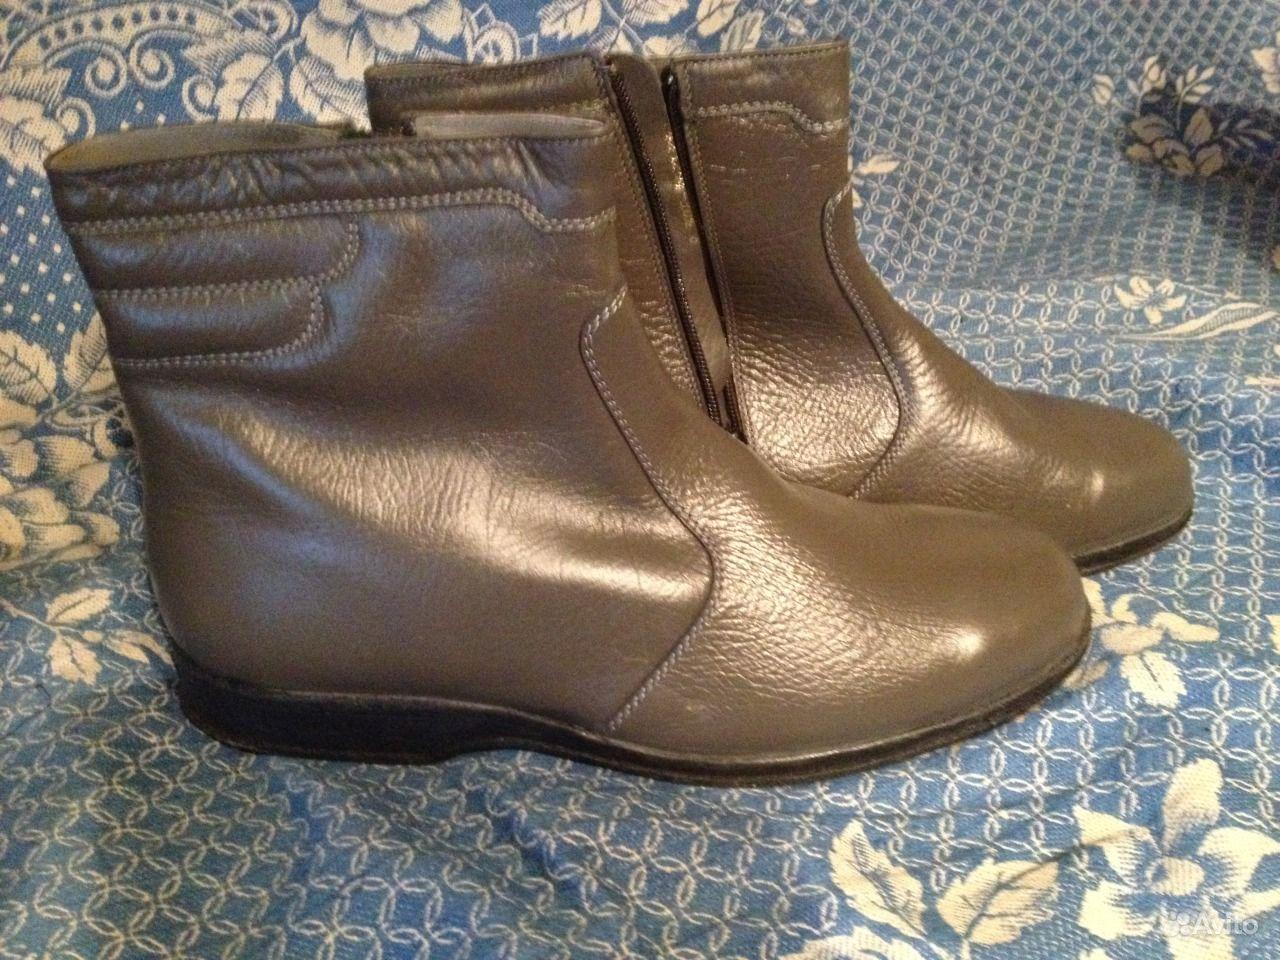 Мужская коллекция обуви больших размеров - Обувь